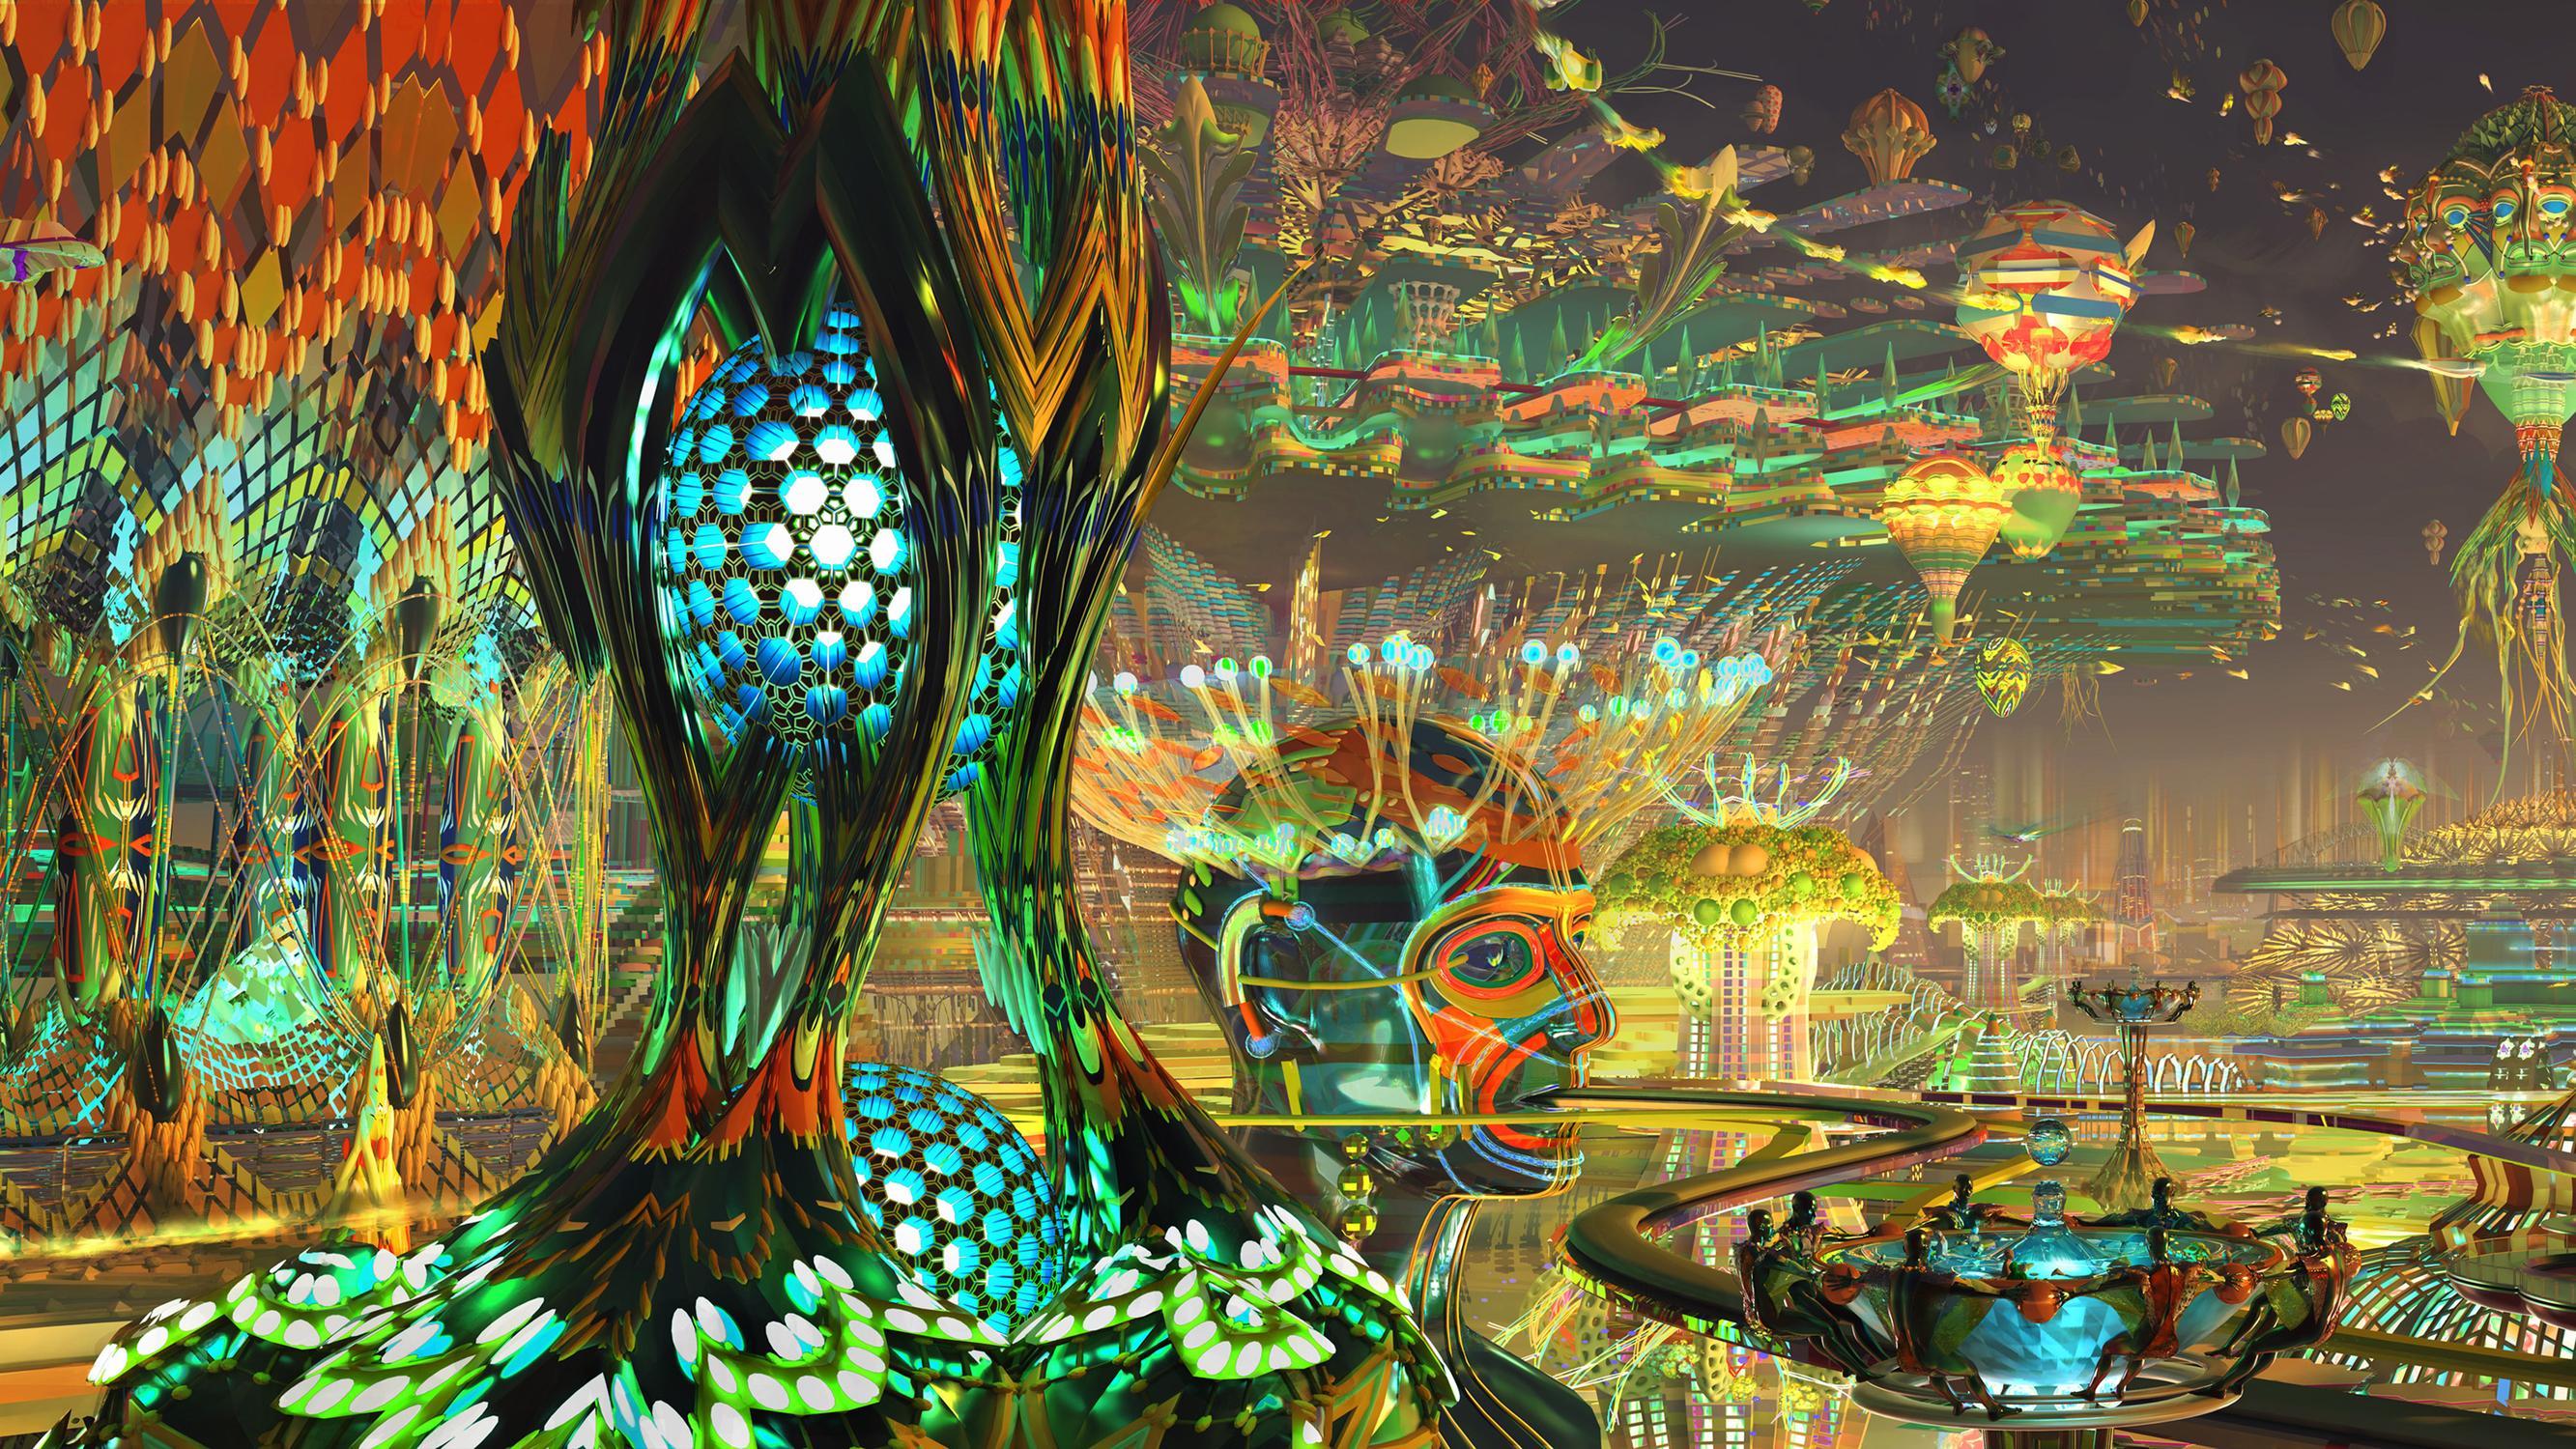 Metroplayitan Expanse 1 Artwork by Kirsten Zirngibl